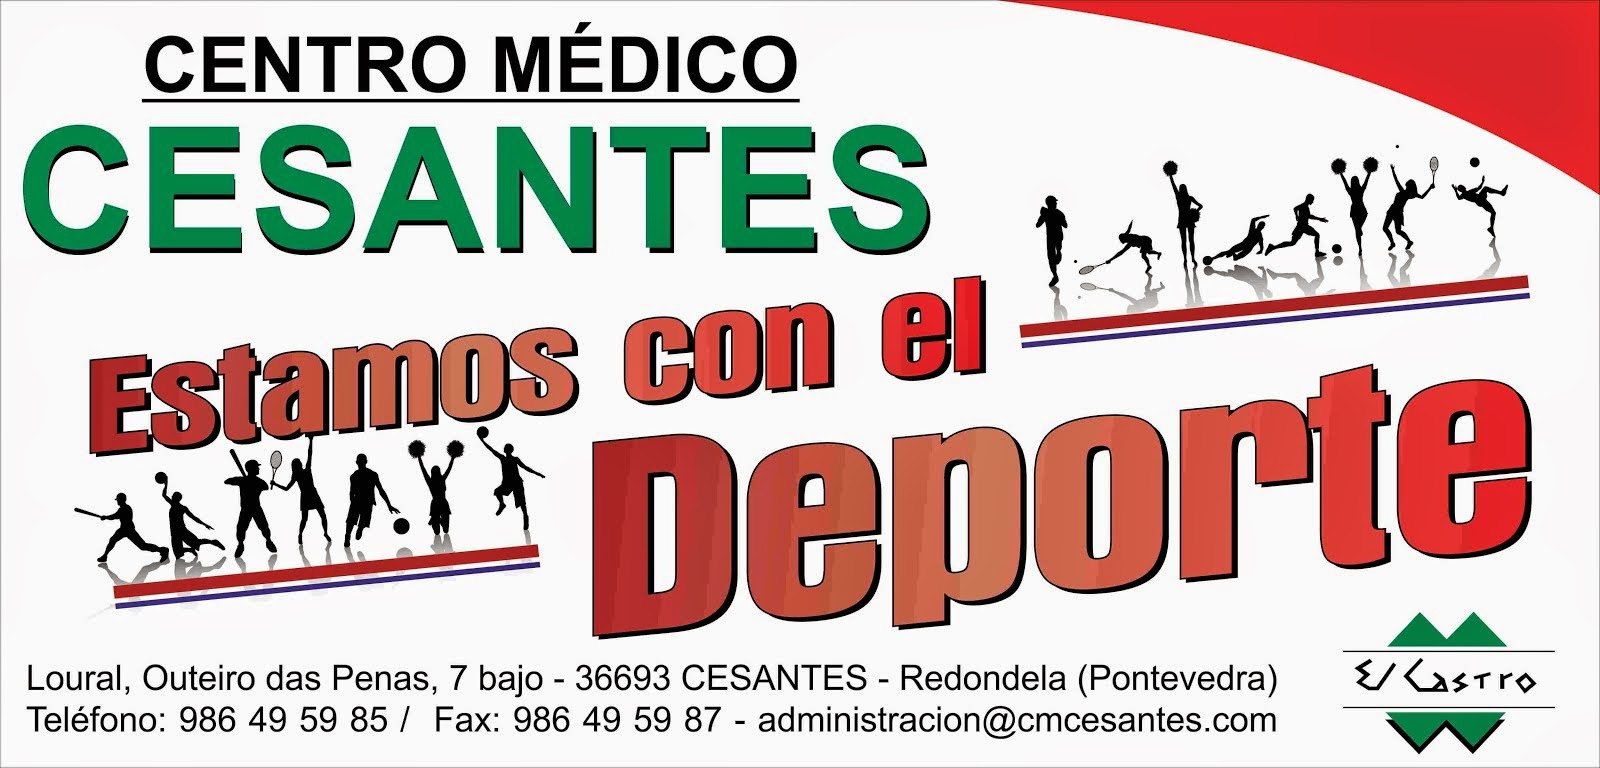 Centro Médico Cesantes